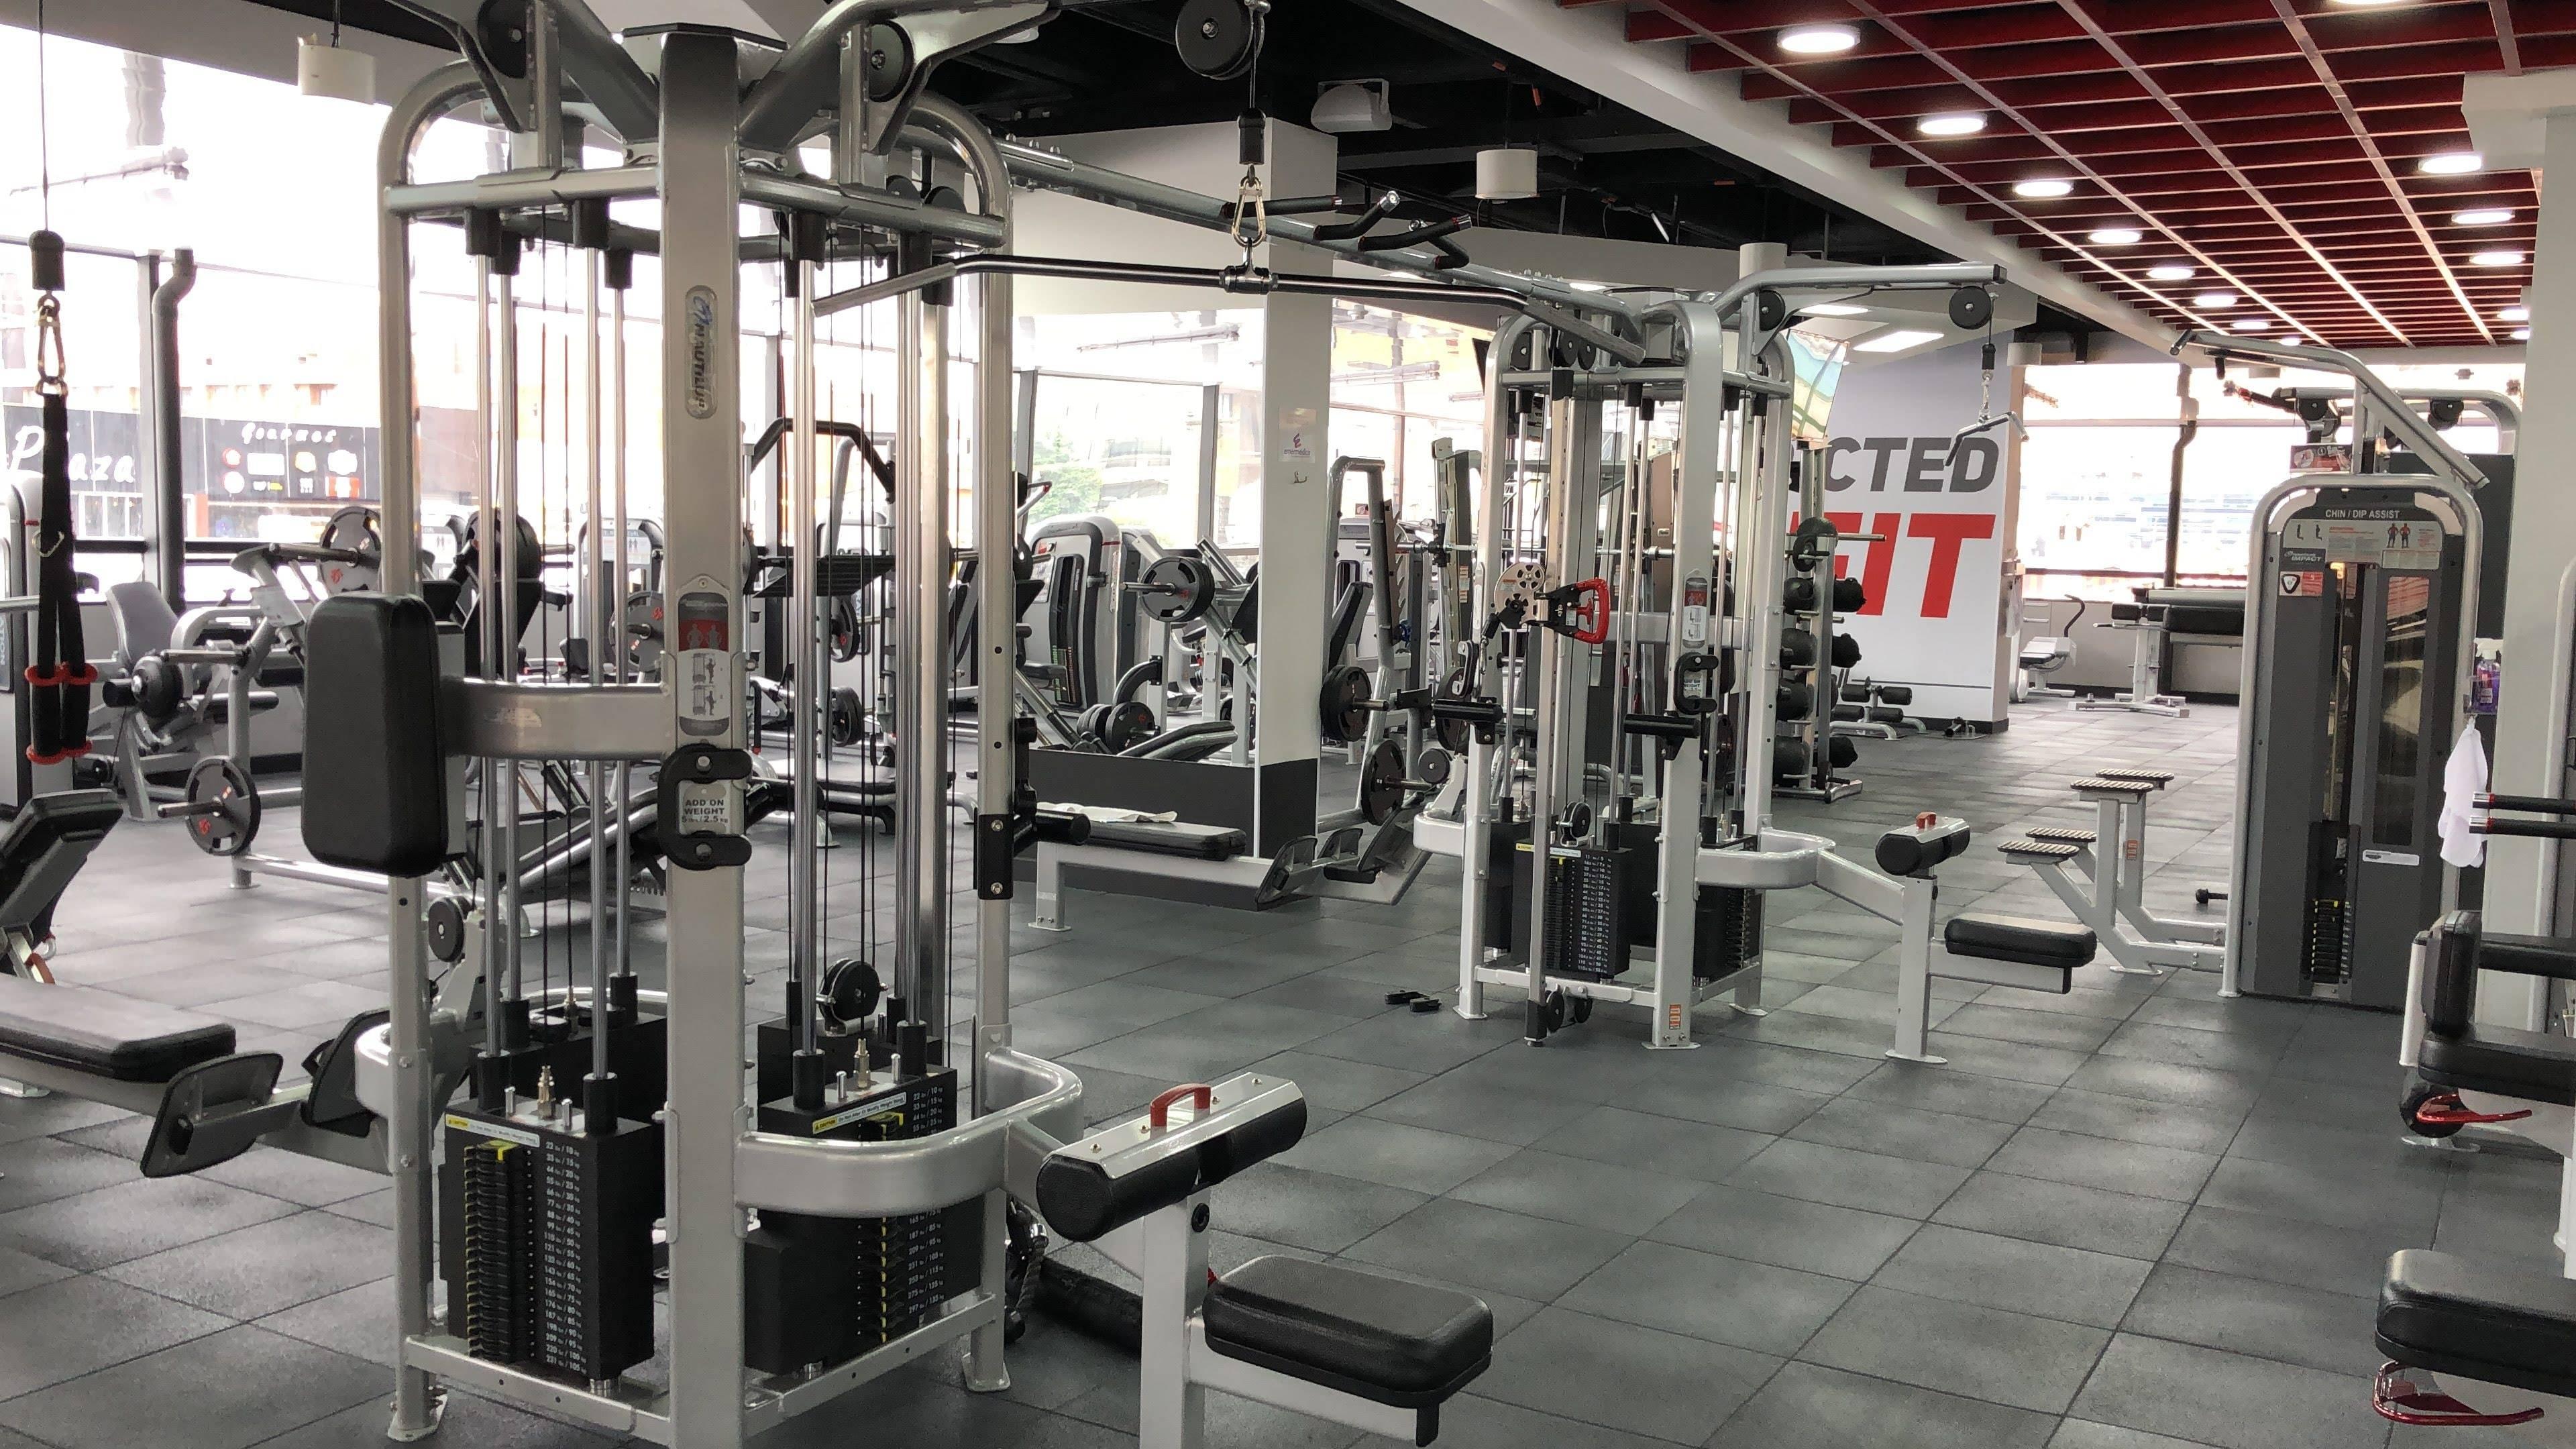 健身房怎么拒绝办私教 怎么拒绝私教又不尴尬